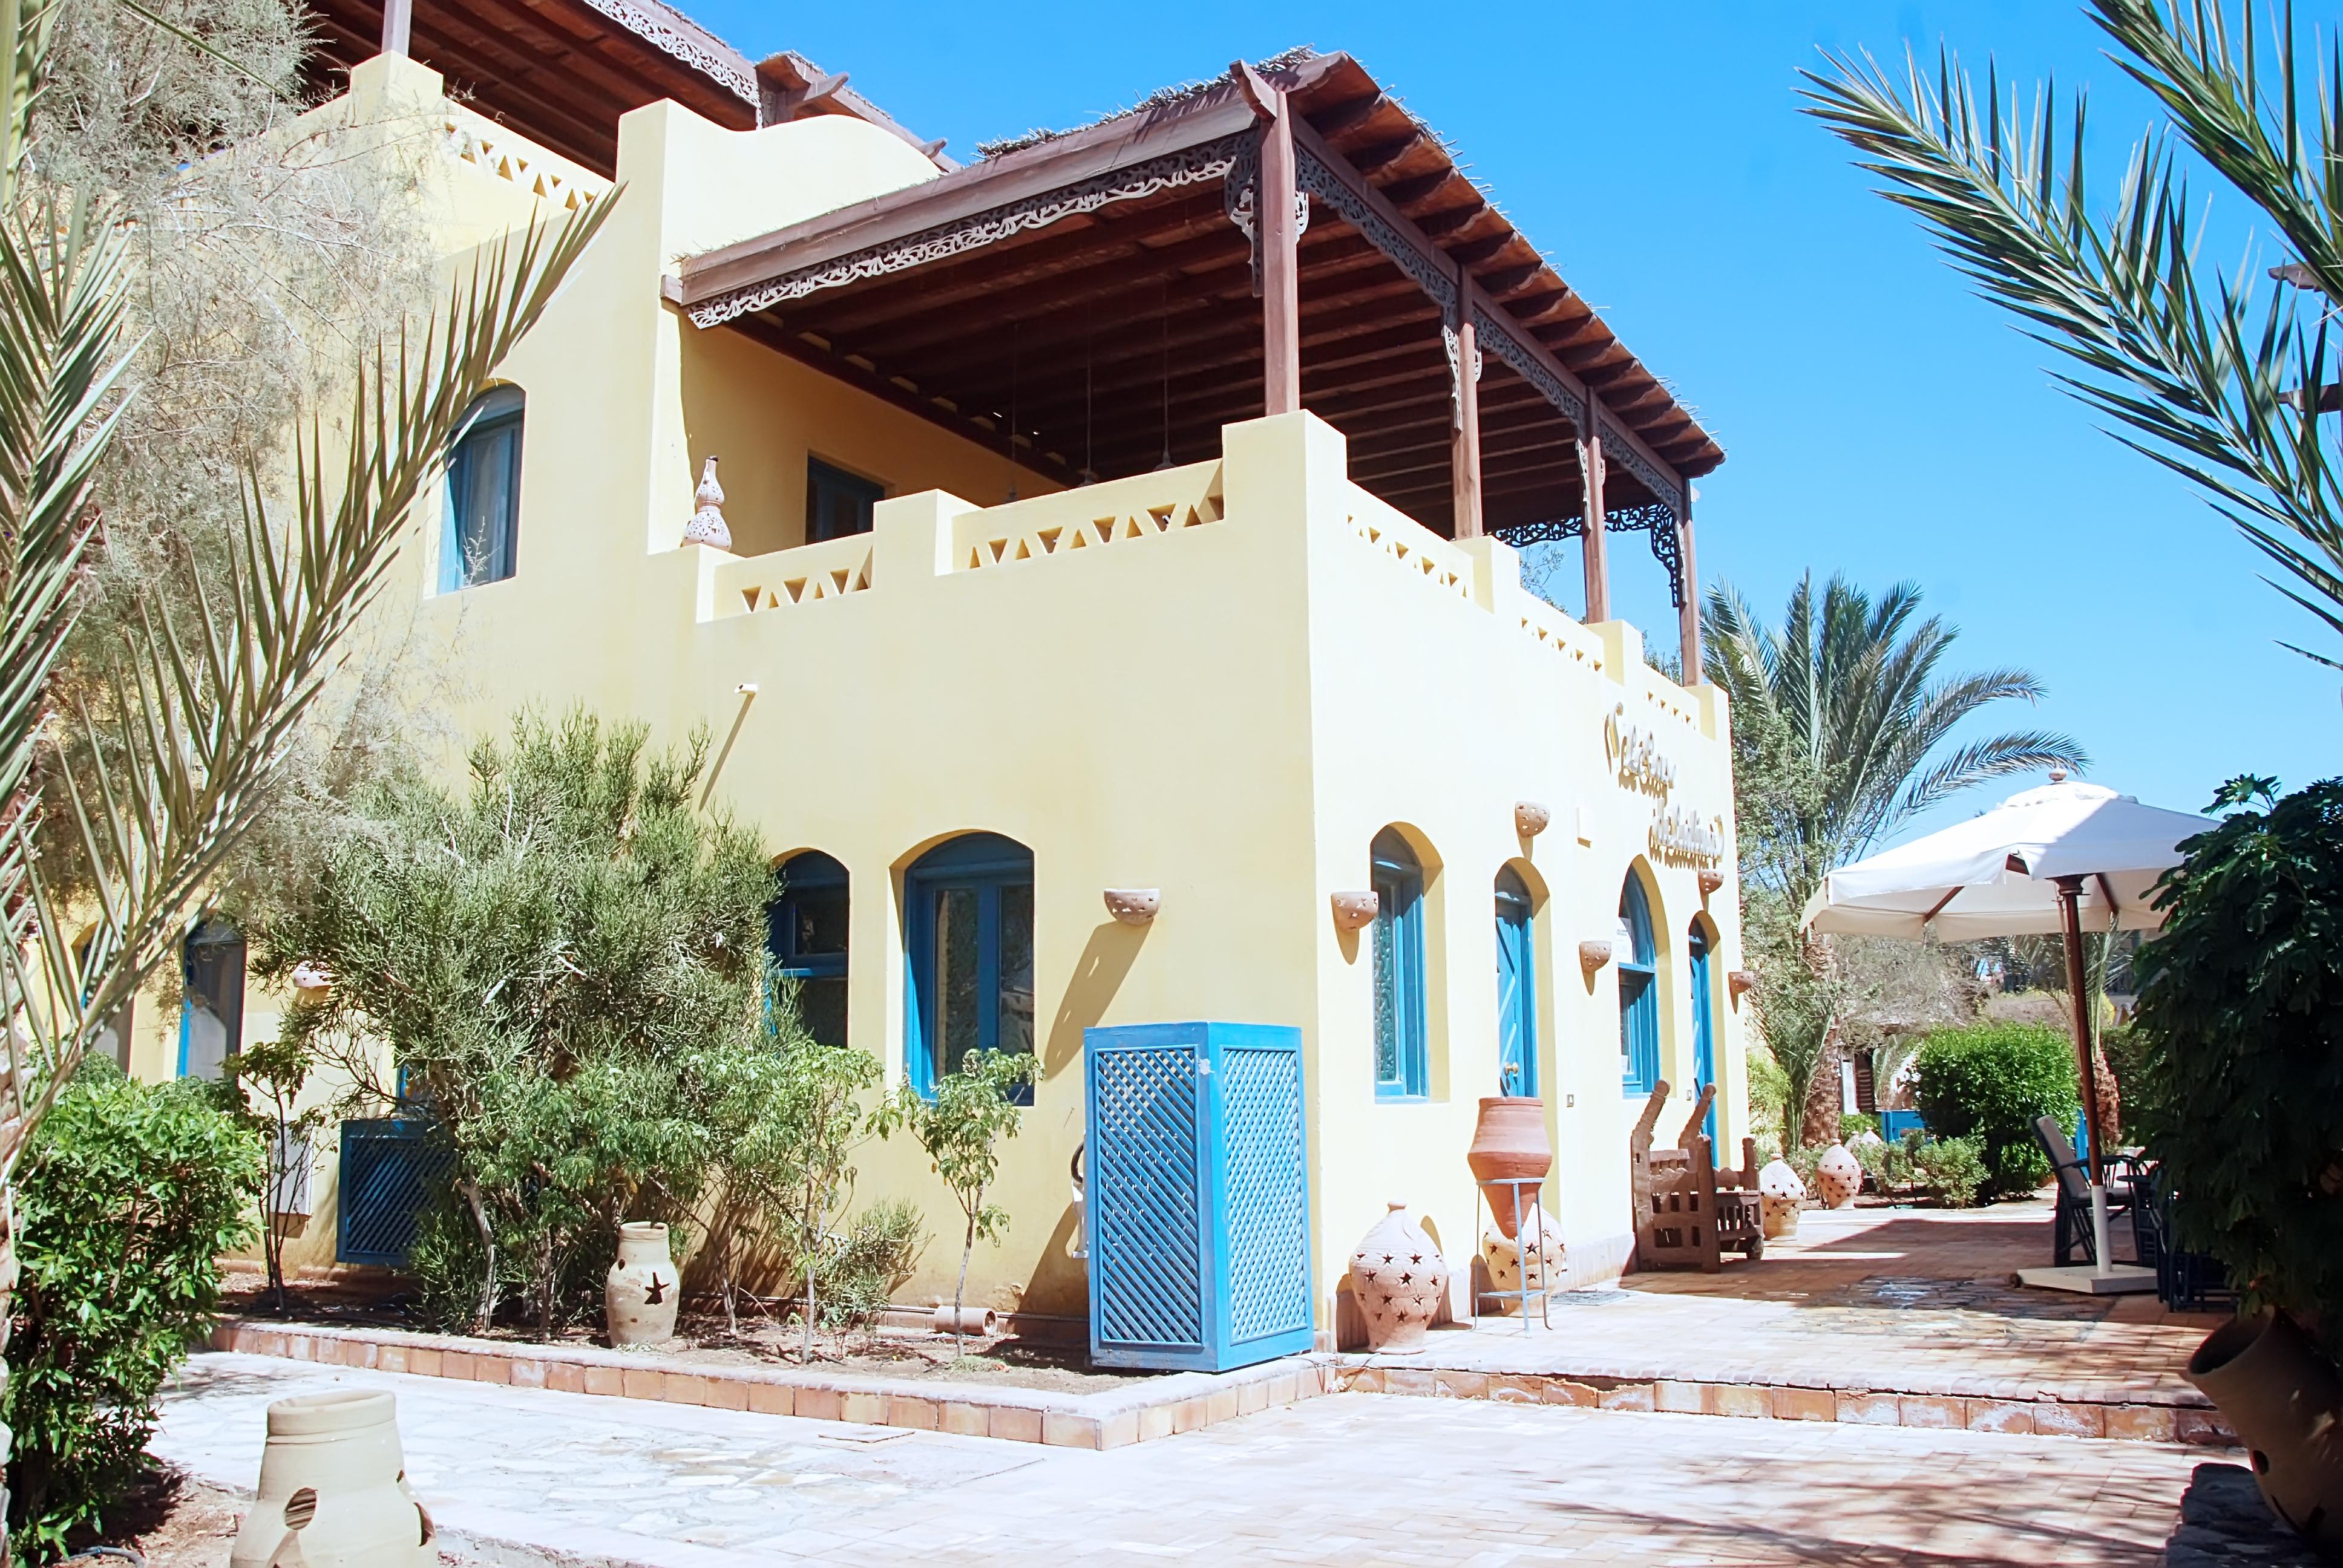 Le case di Lialina